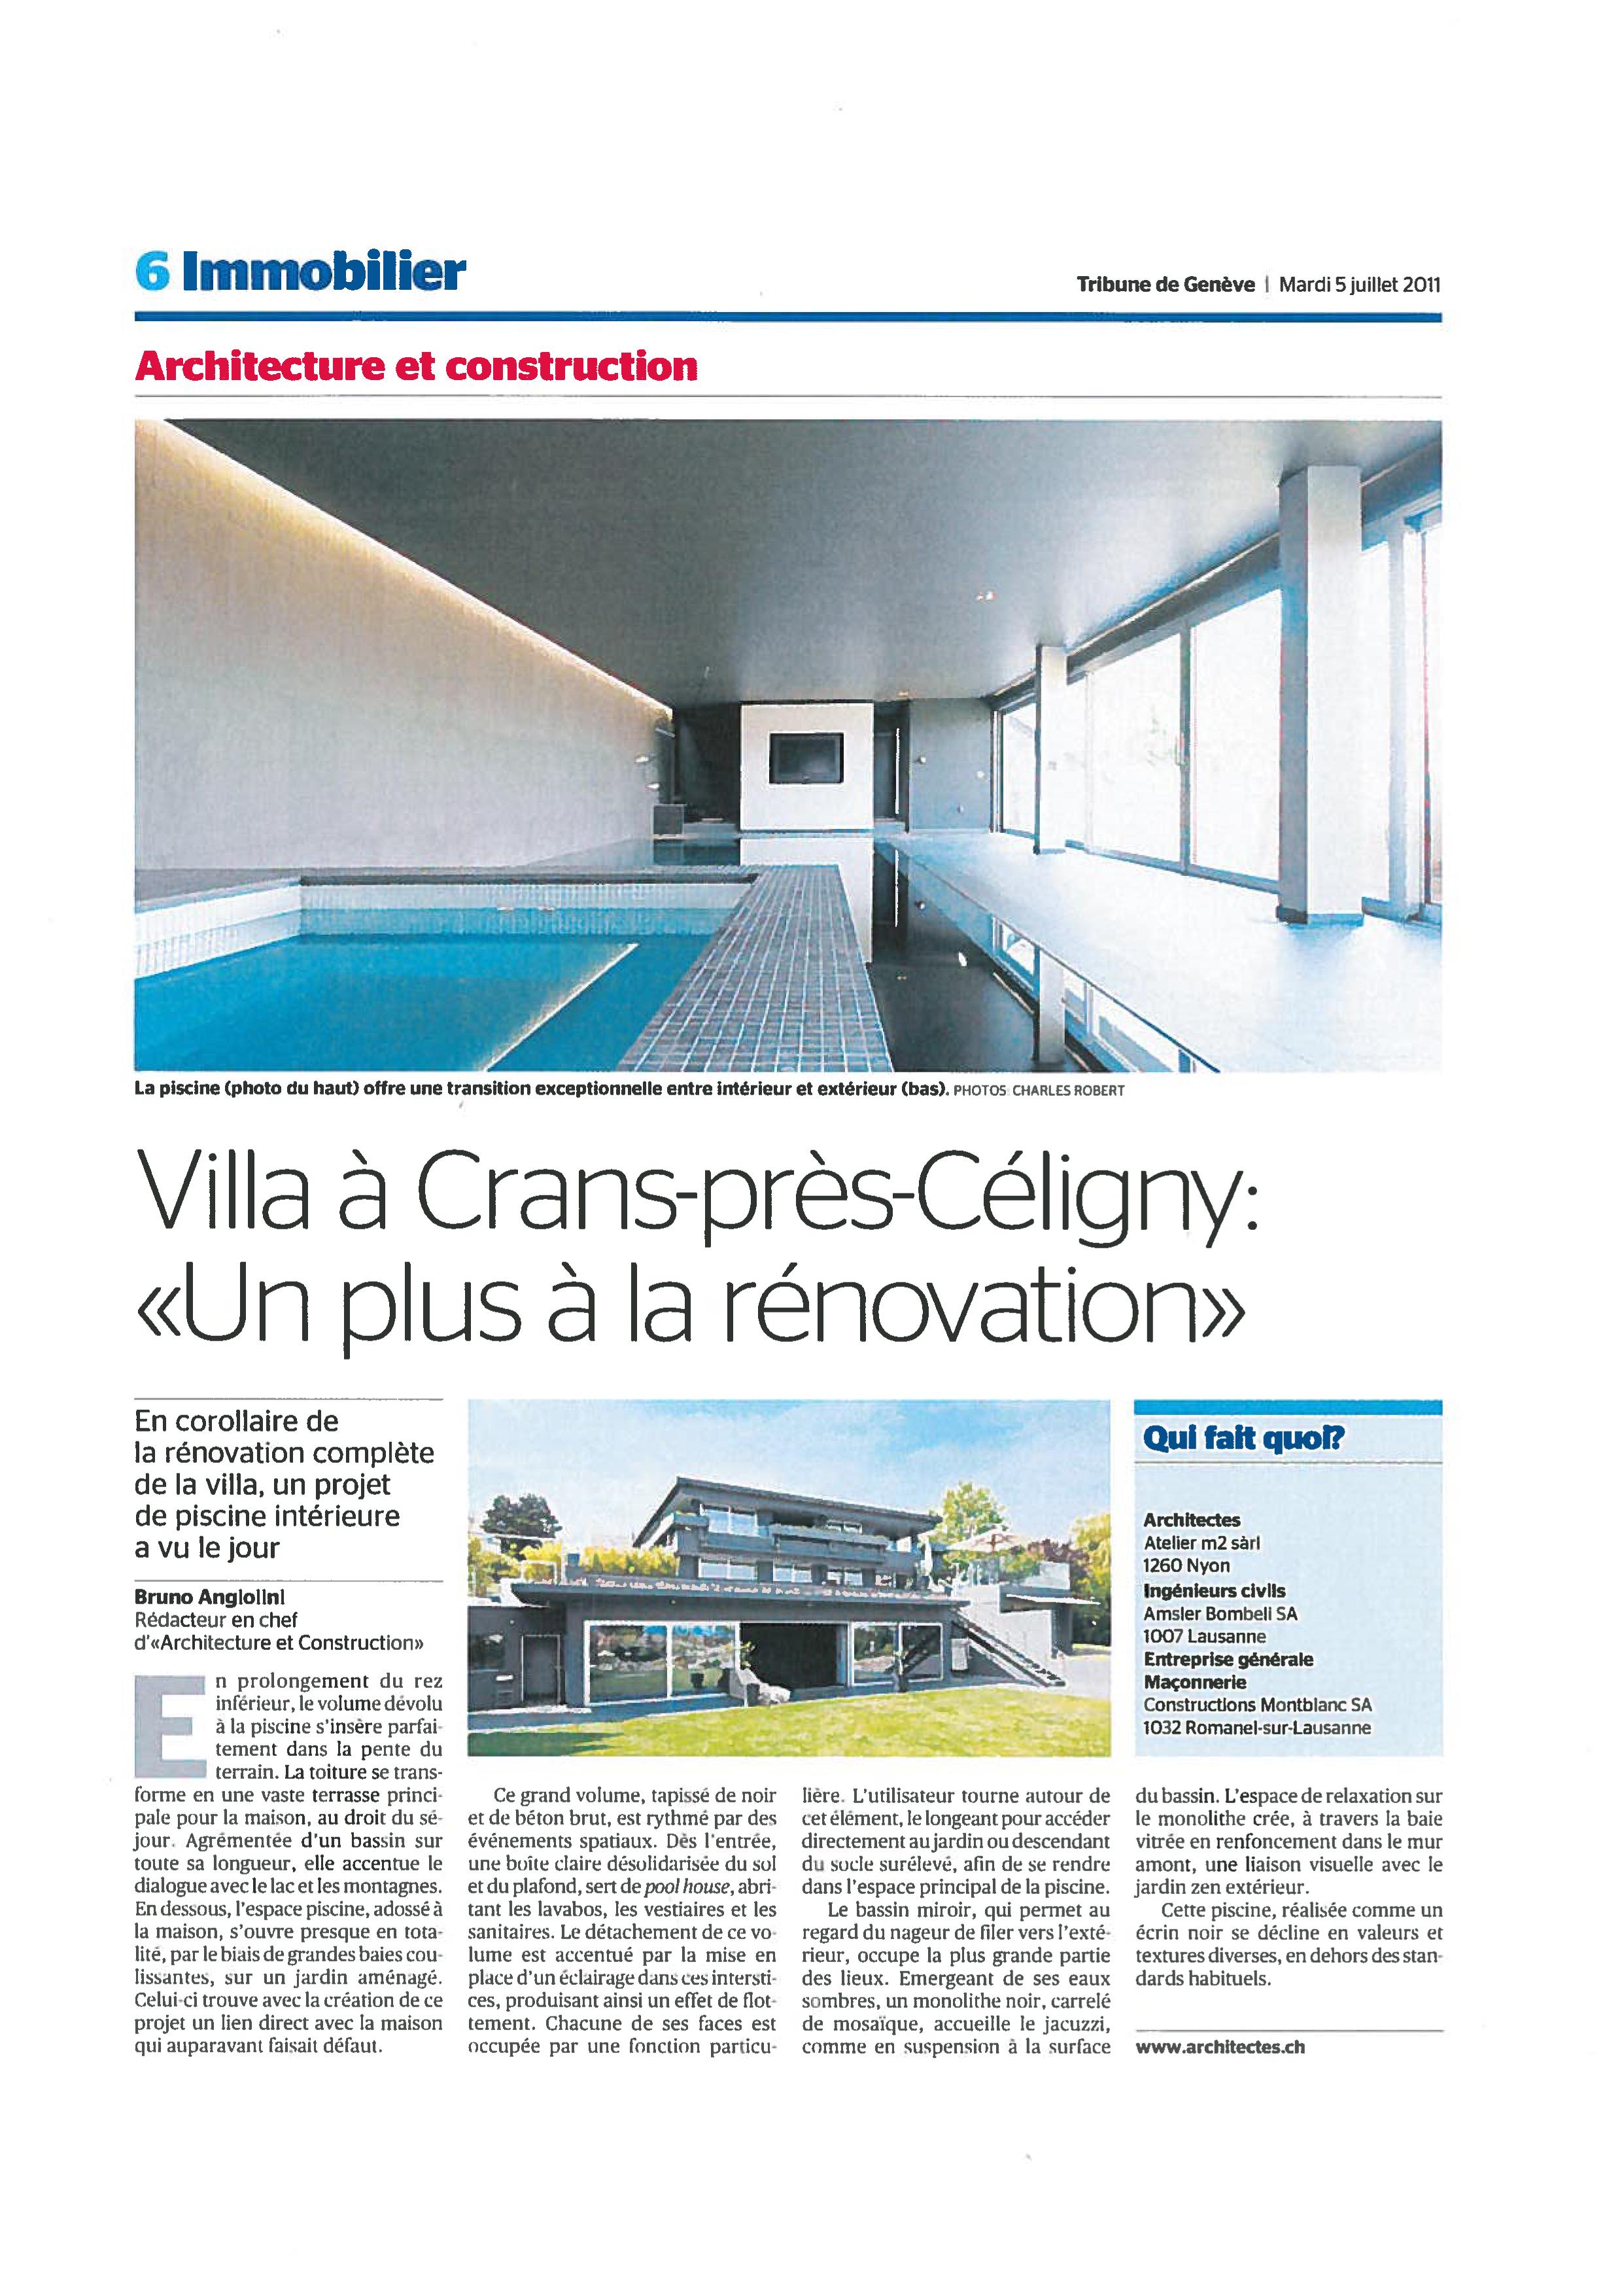 Article Tribune de Genève.jpg